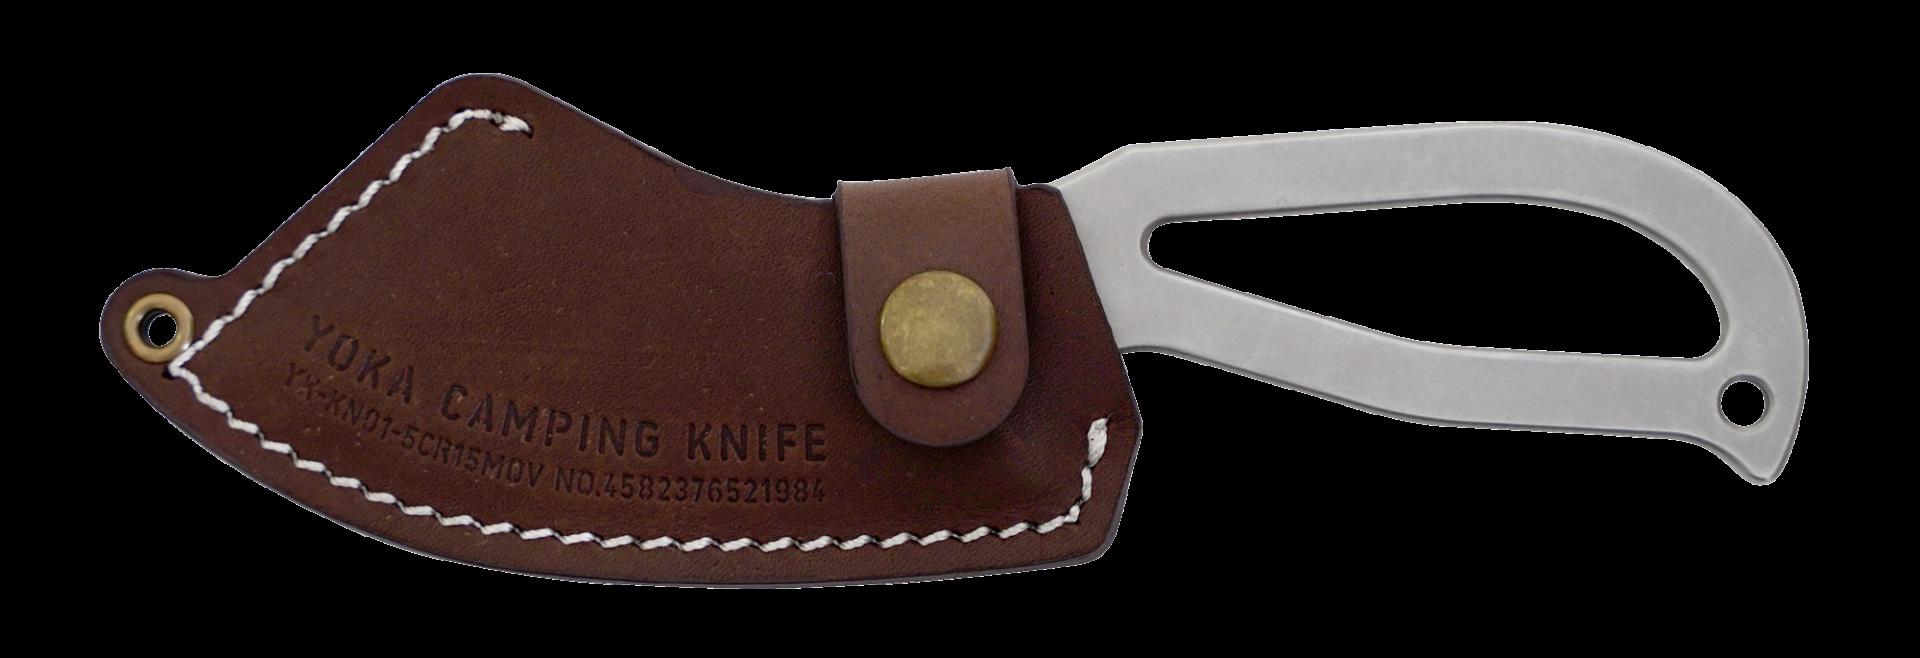 ヨカキャンピングナイフ